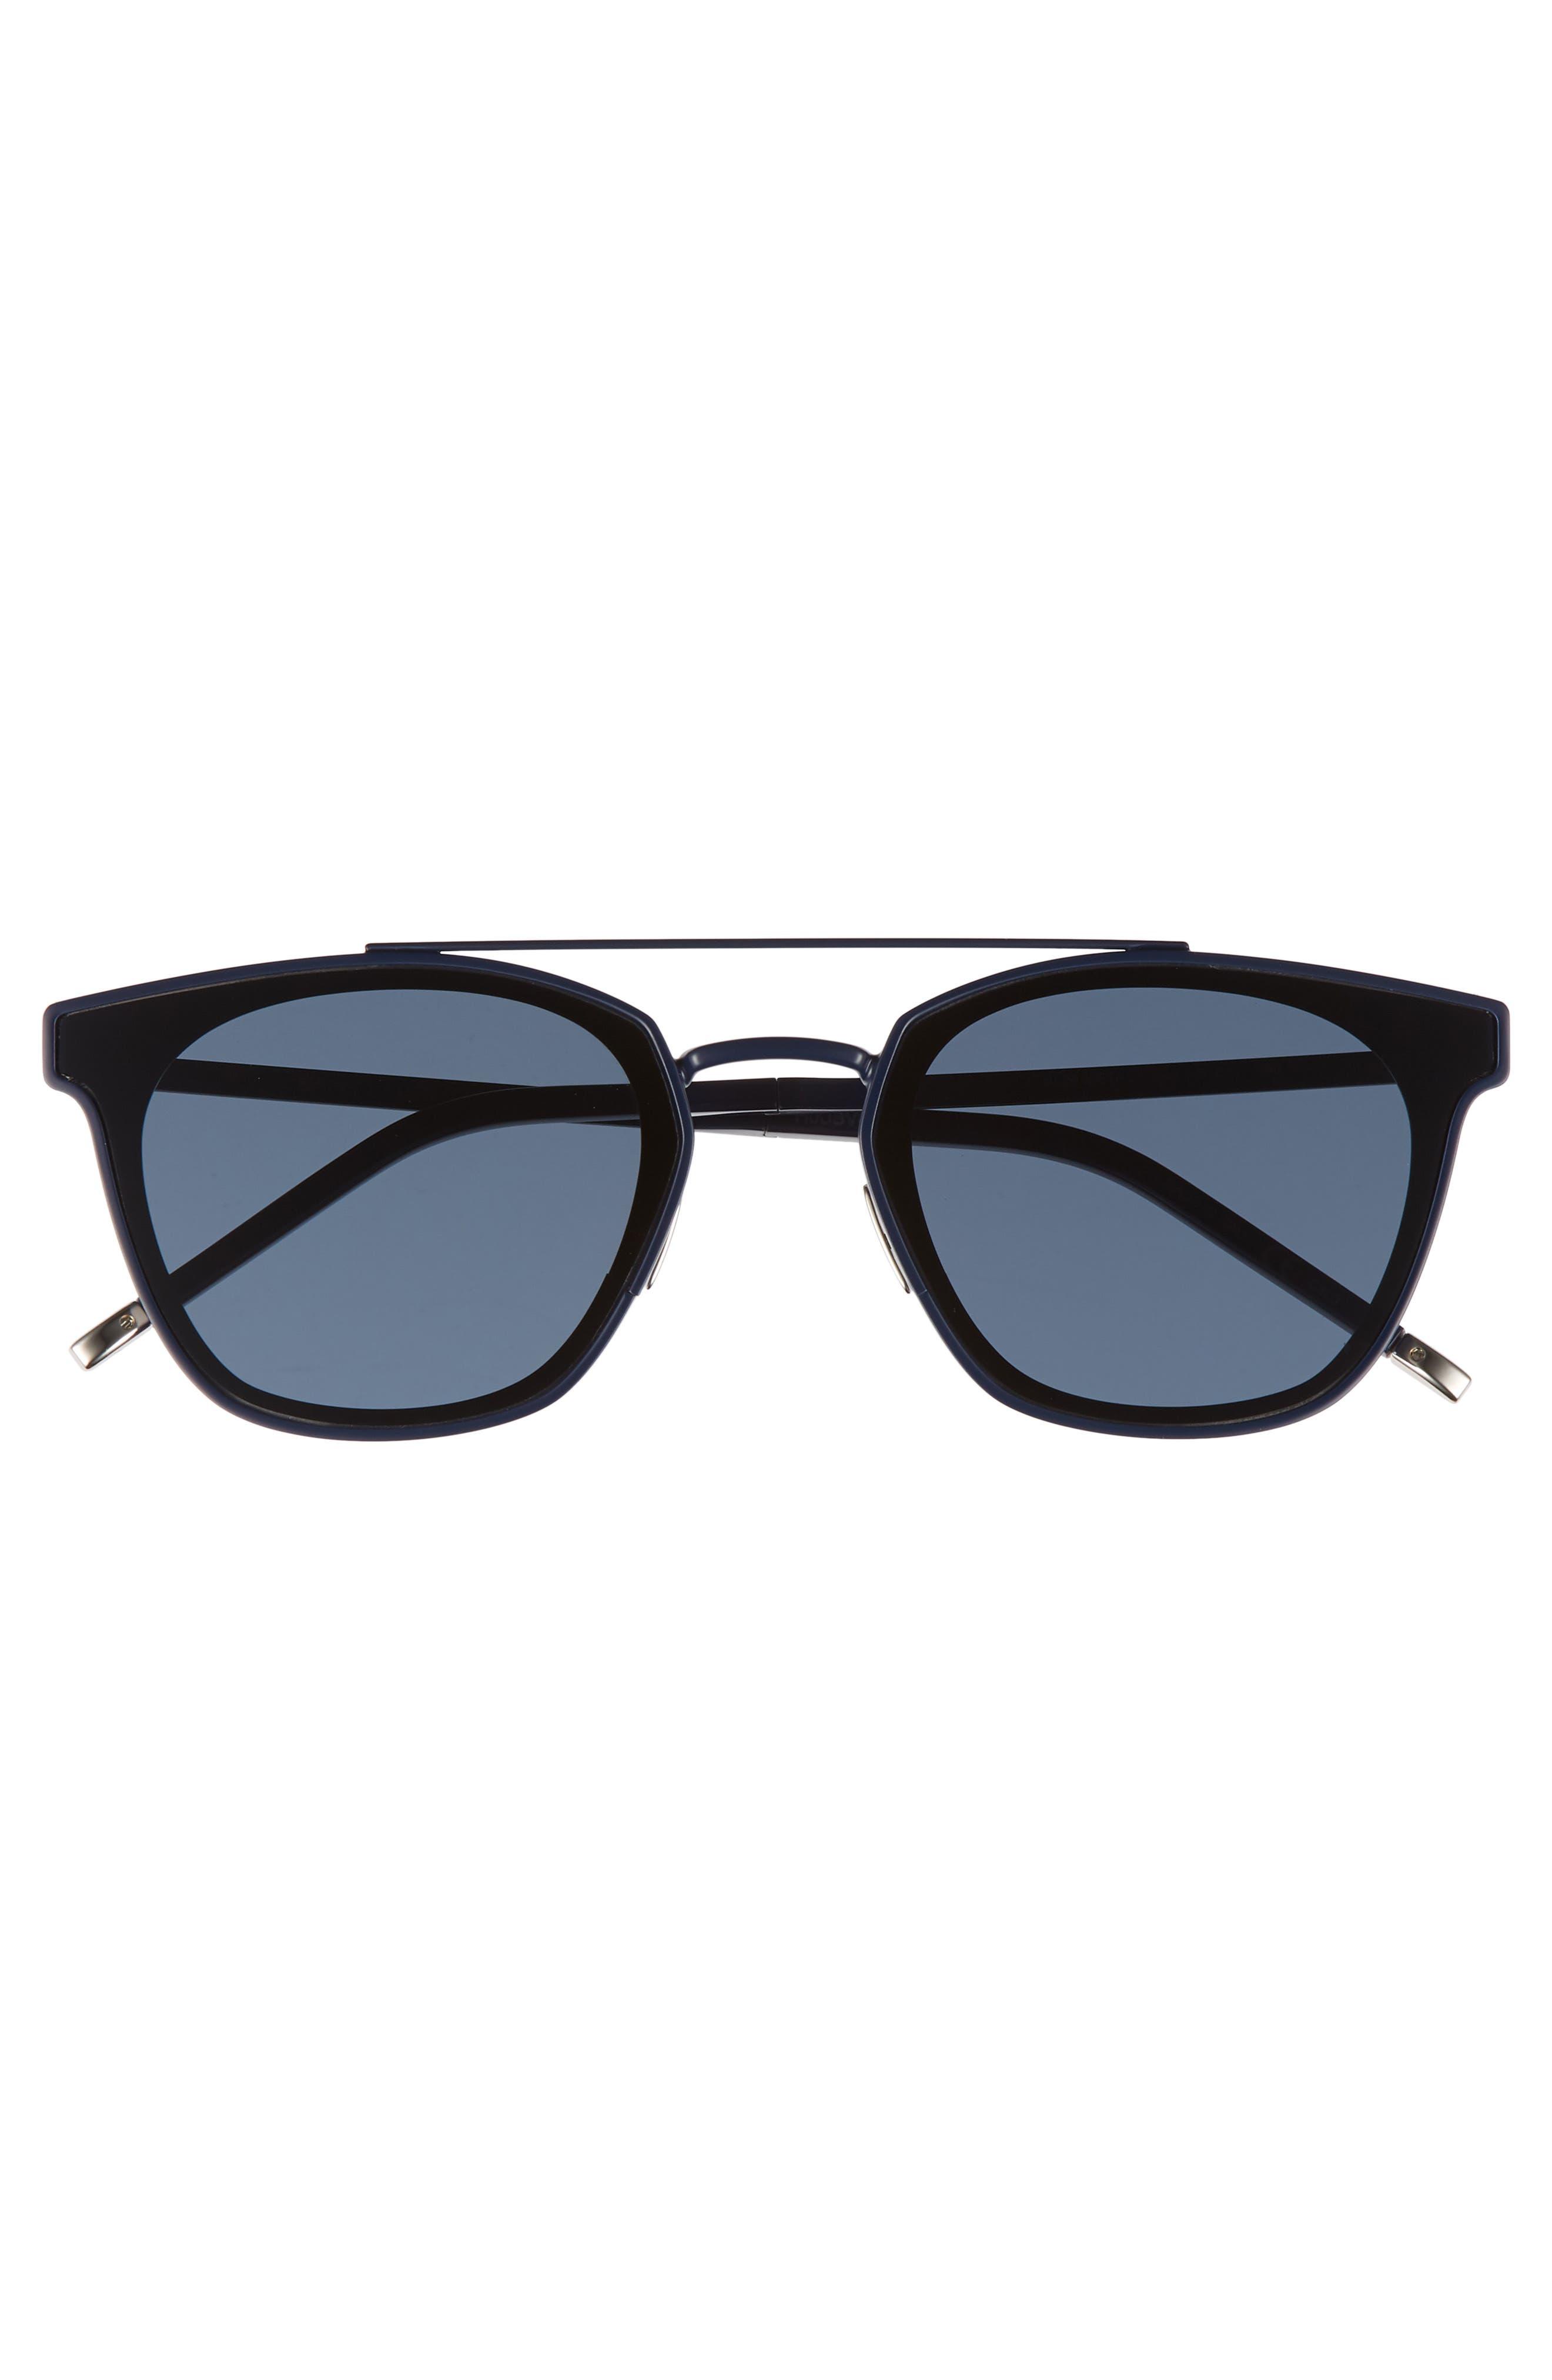 SL 28 61mm Polarized Sunglasses,                             Alternate thumbnail 2, color,                             BLUE